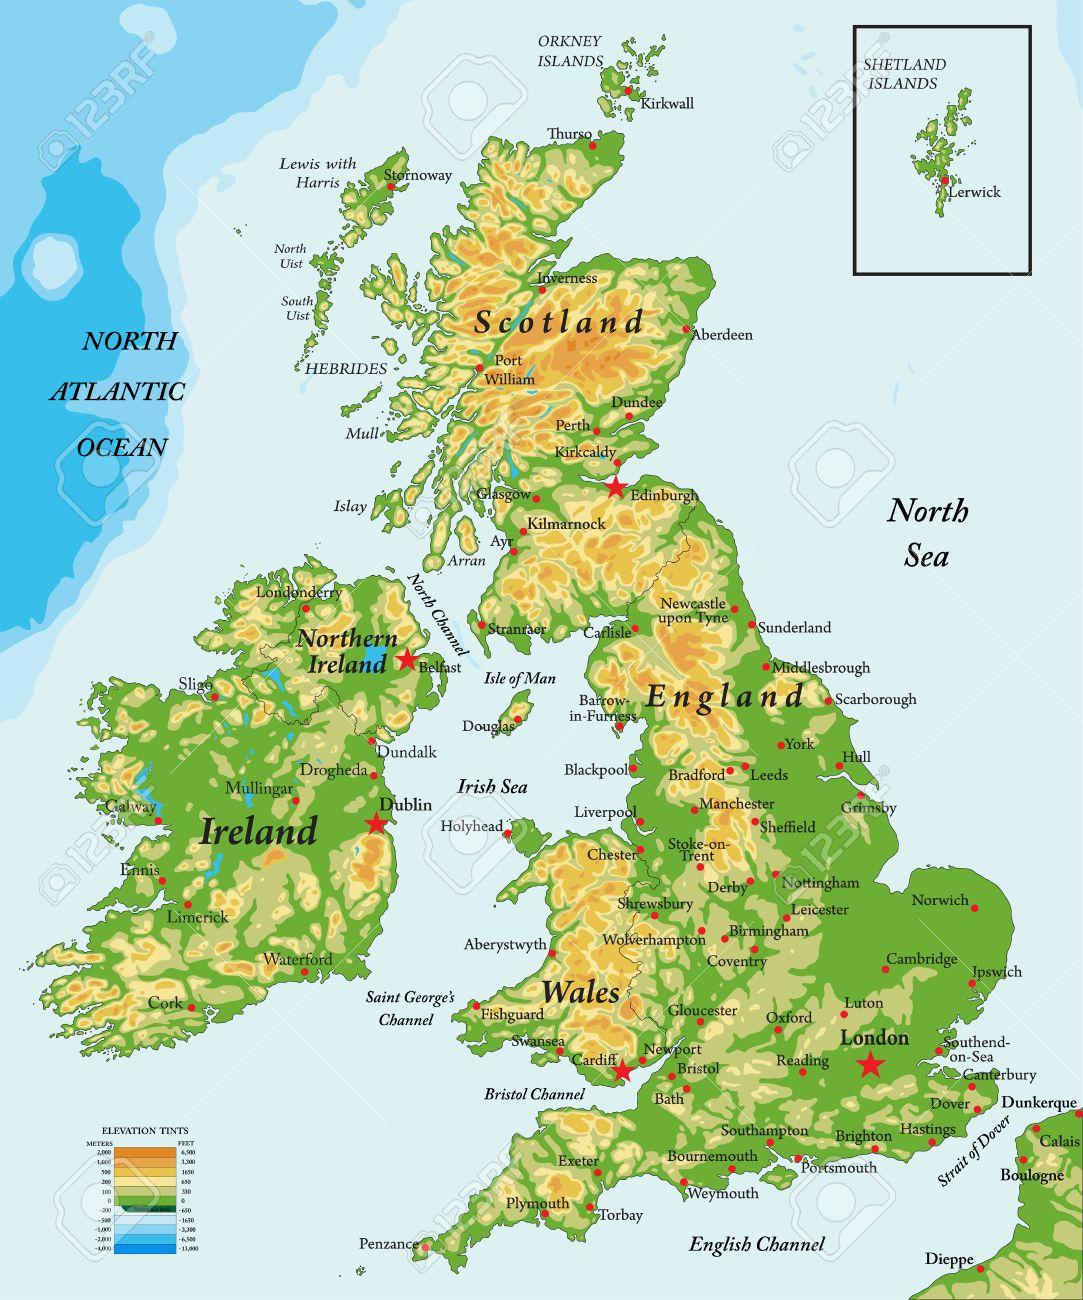 Grossbritannien Und Irland Physikalische Karte Lizenzfrei Nutzbare